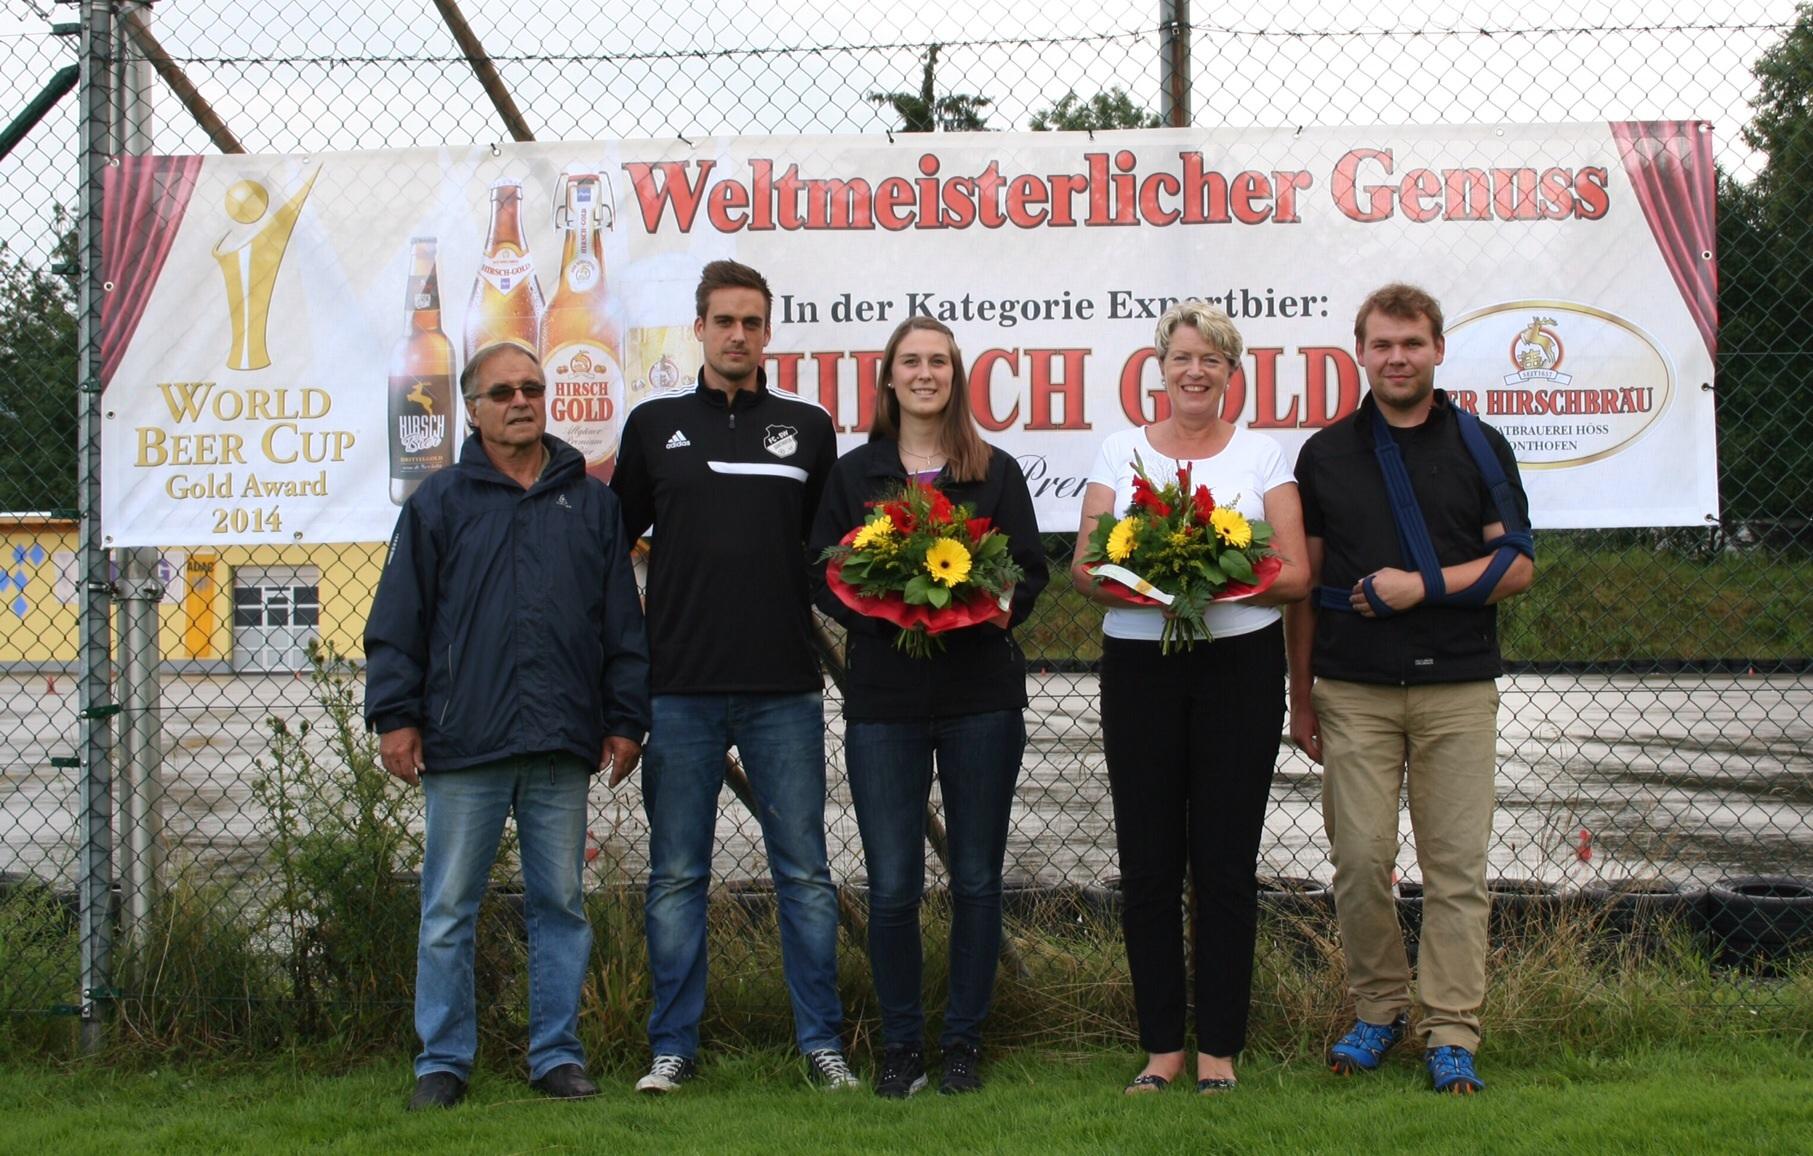 Die Vorstandschaft bedankt sich bei Frau Claudia Höß-Stückler von der Hirschbrauerei Sonthofen für die langjährige Unterstützung.